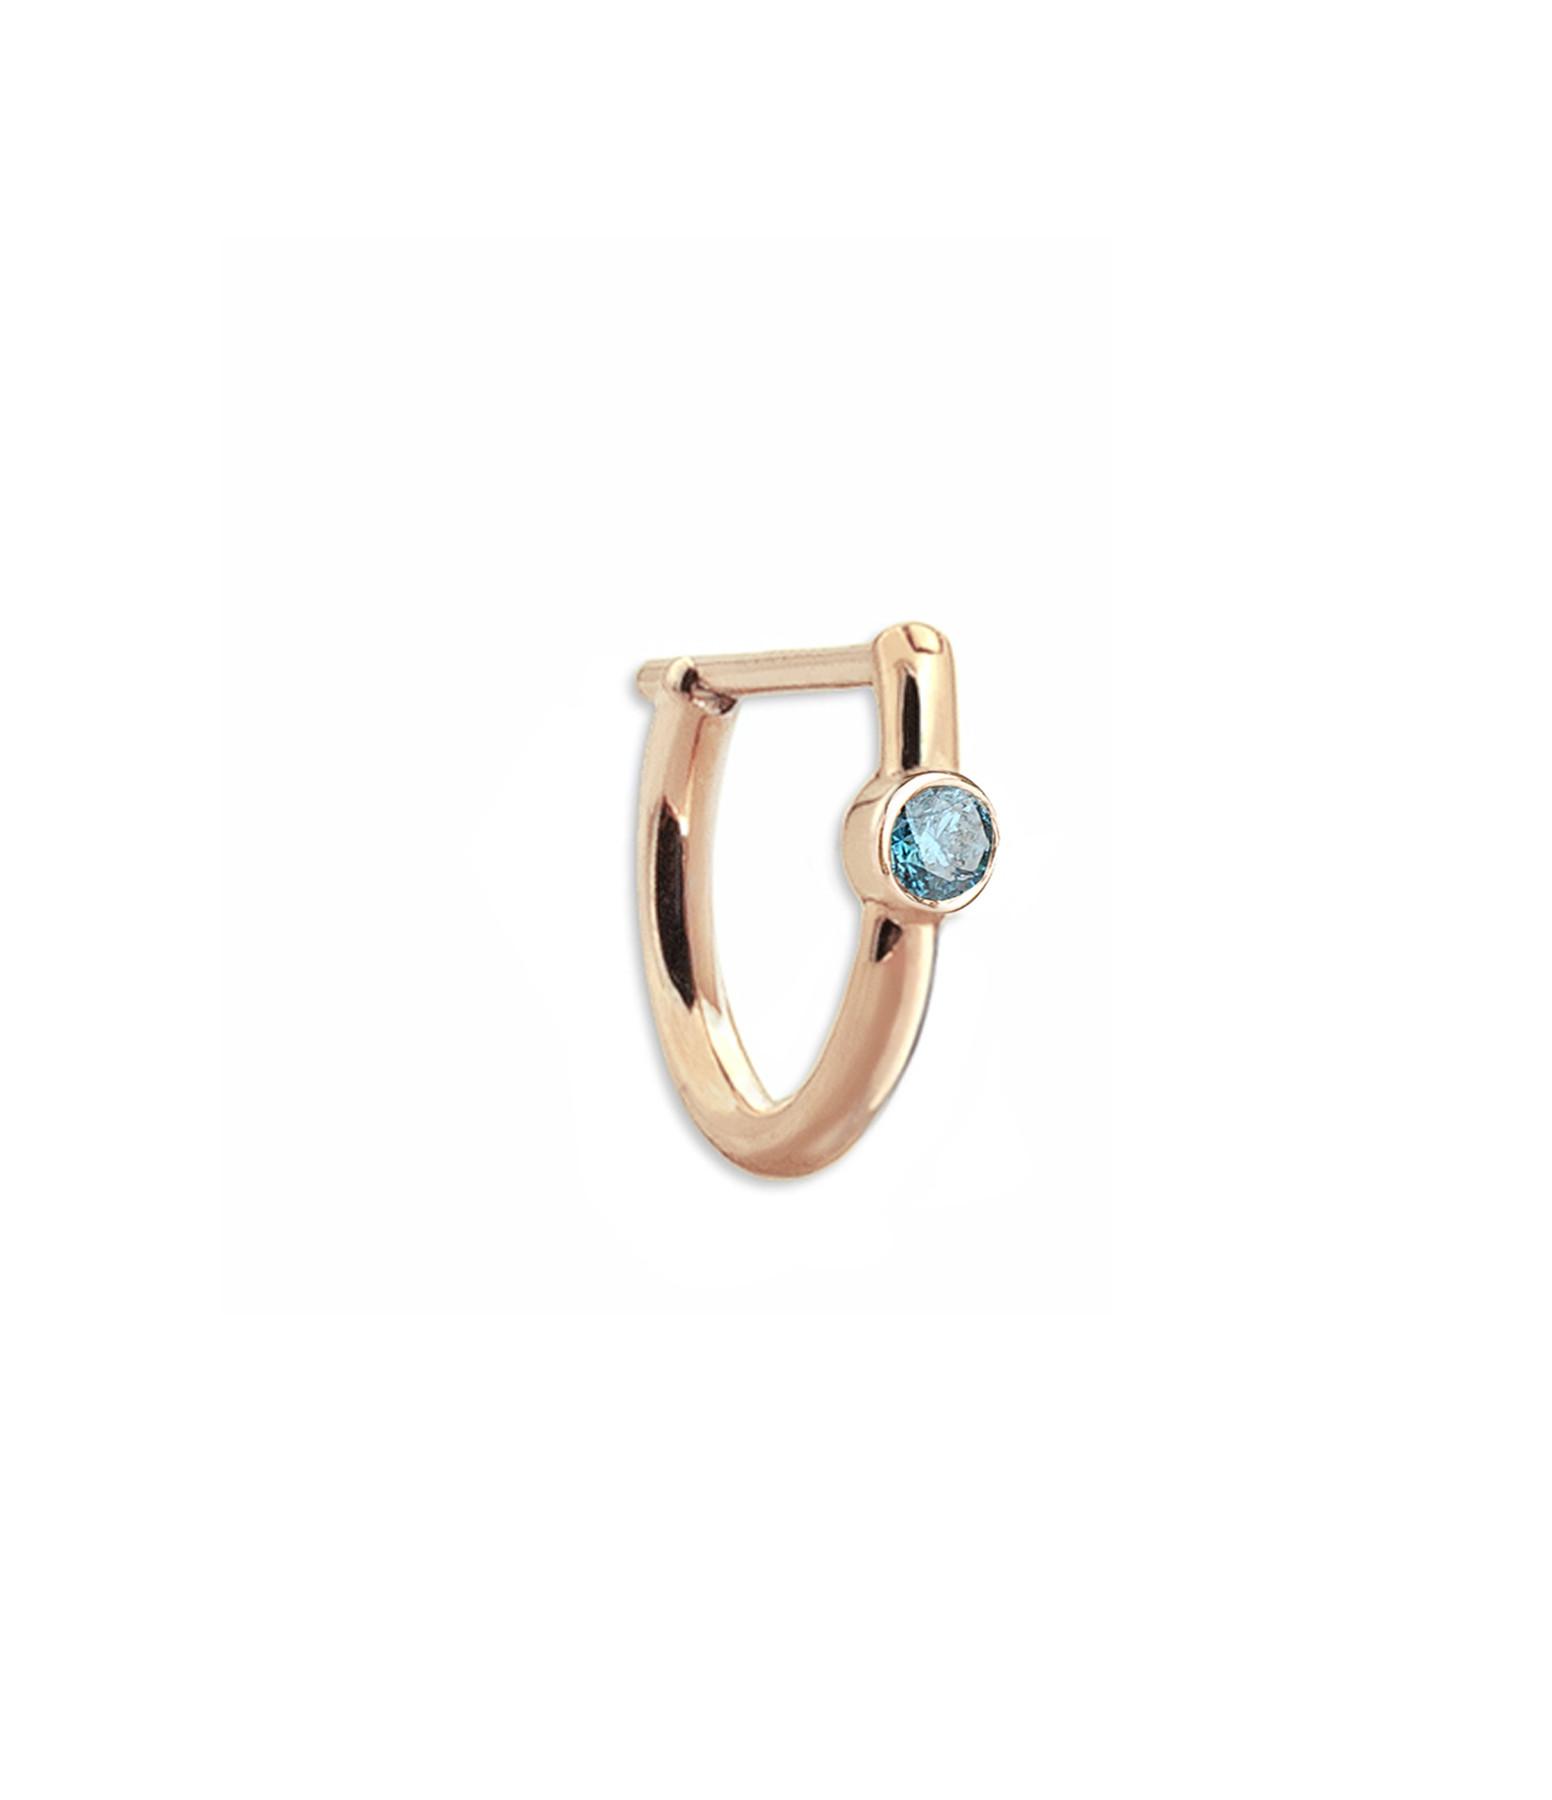 YANNIS SERGAKIS - Créole New Hoop Or Diamant Bleu (vendue à l'unité)